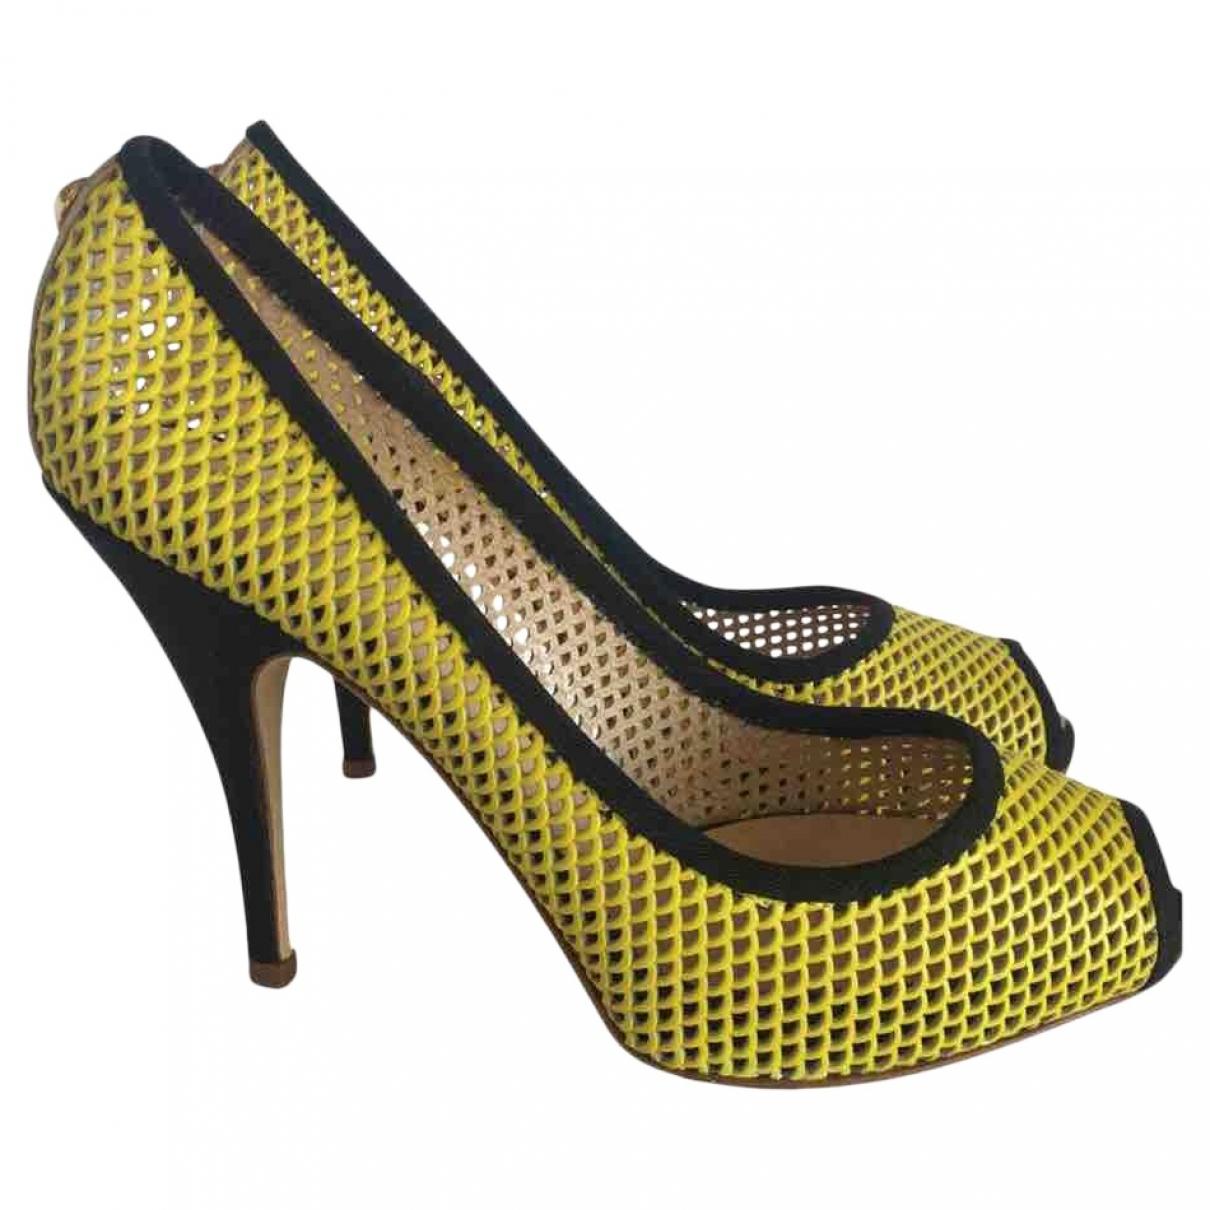 Giuseppe Zanotti \N Yellow Leather Heels for Women 37 IT